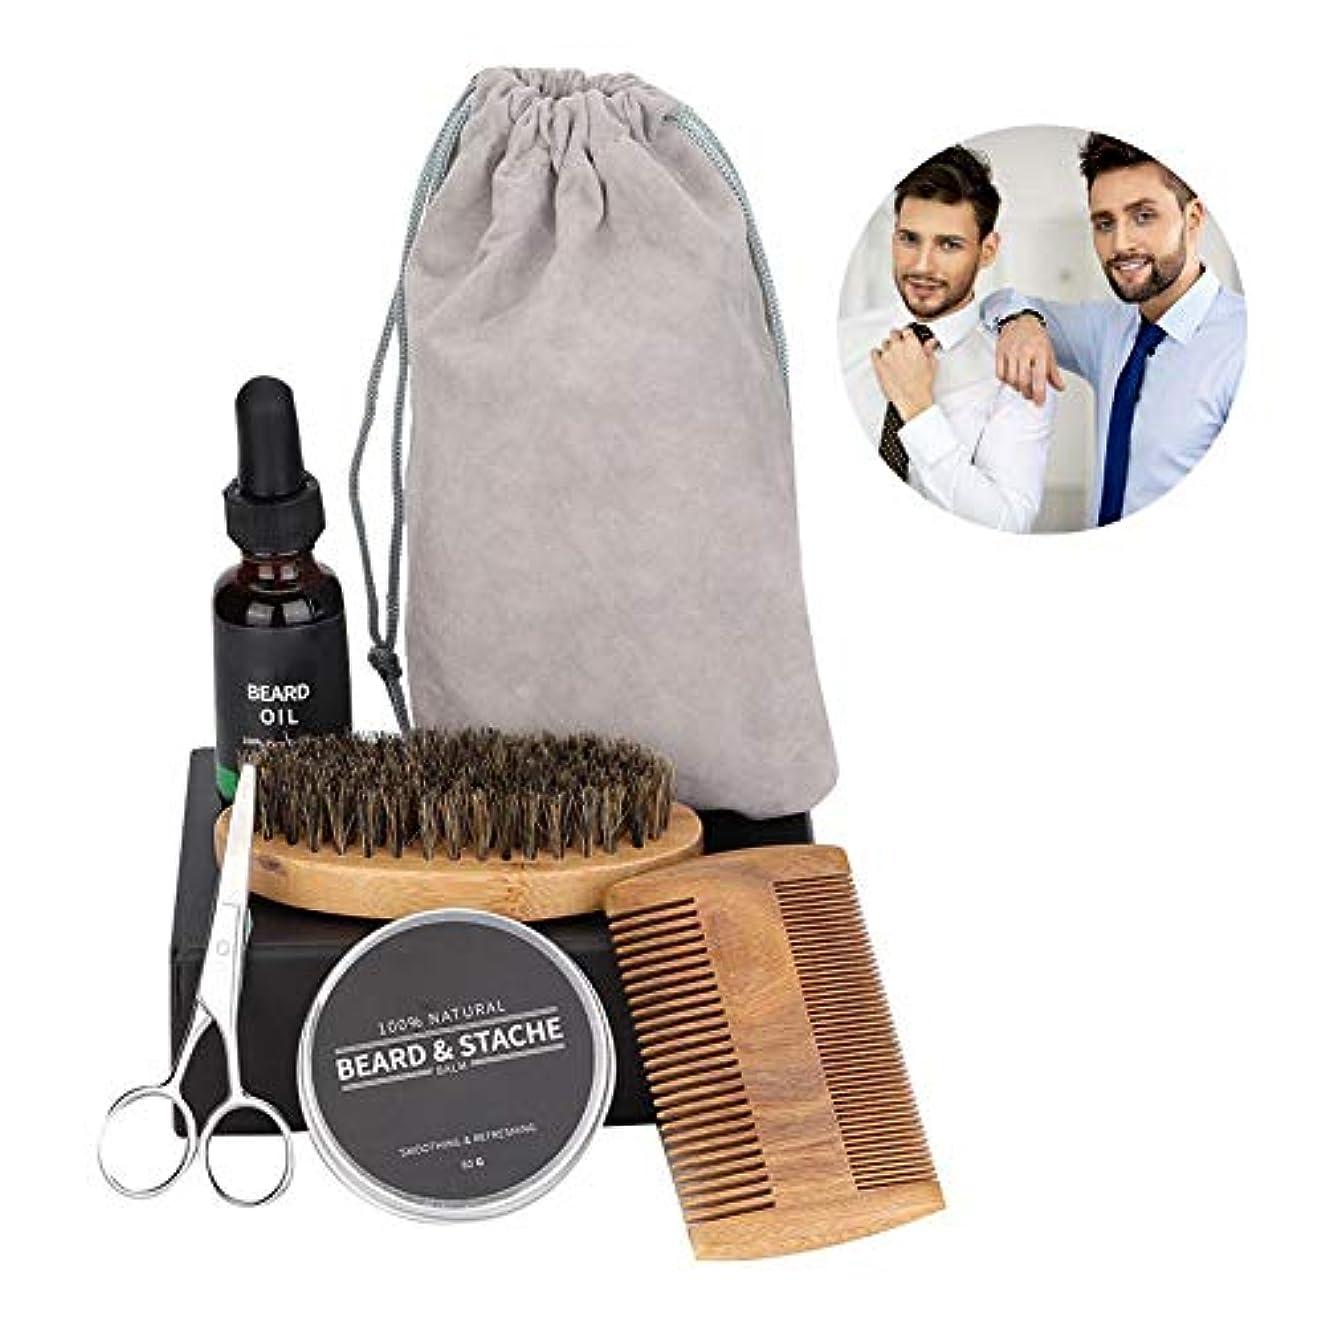 トラクターひねり実り多い髭手入れキット、髭手入れキットを含む男性または父親のための髭成長手入れおよびトリミングキット、髭オイル、髭ケアバーム、櫛、はさみ、ブラシ、収納袋